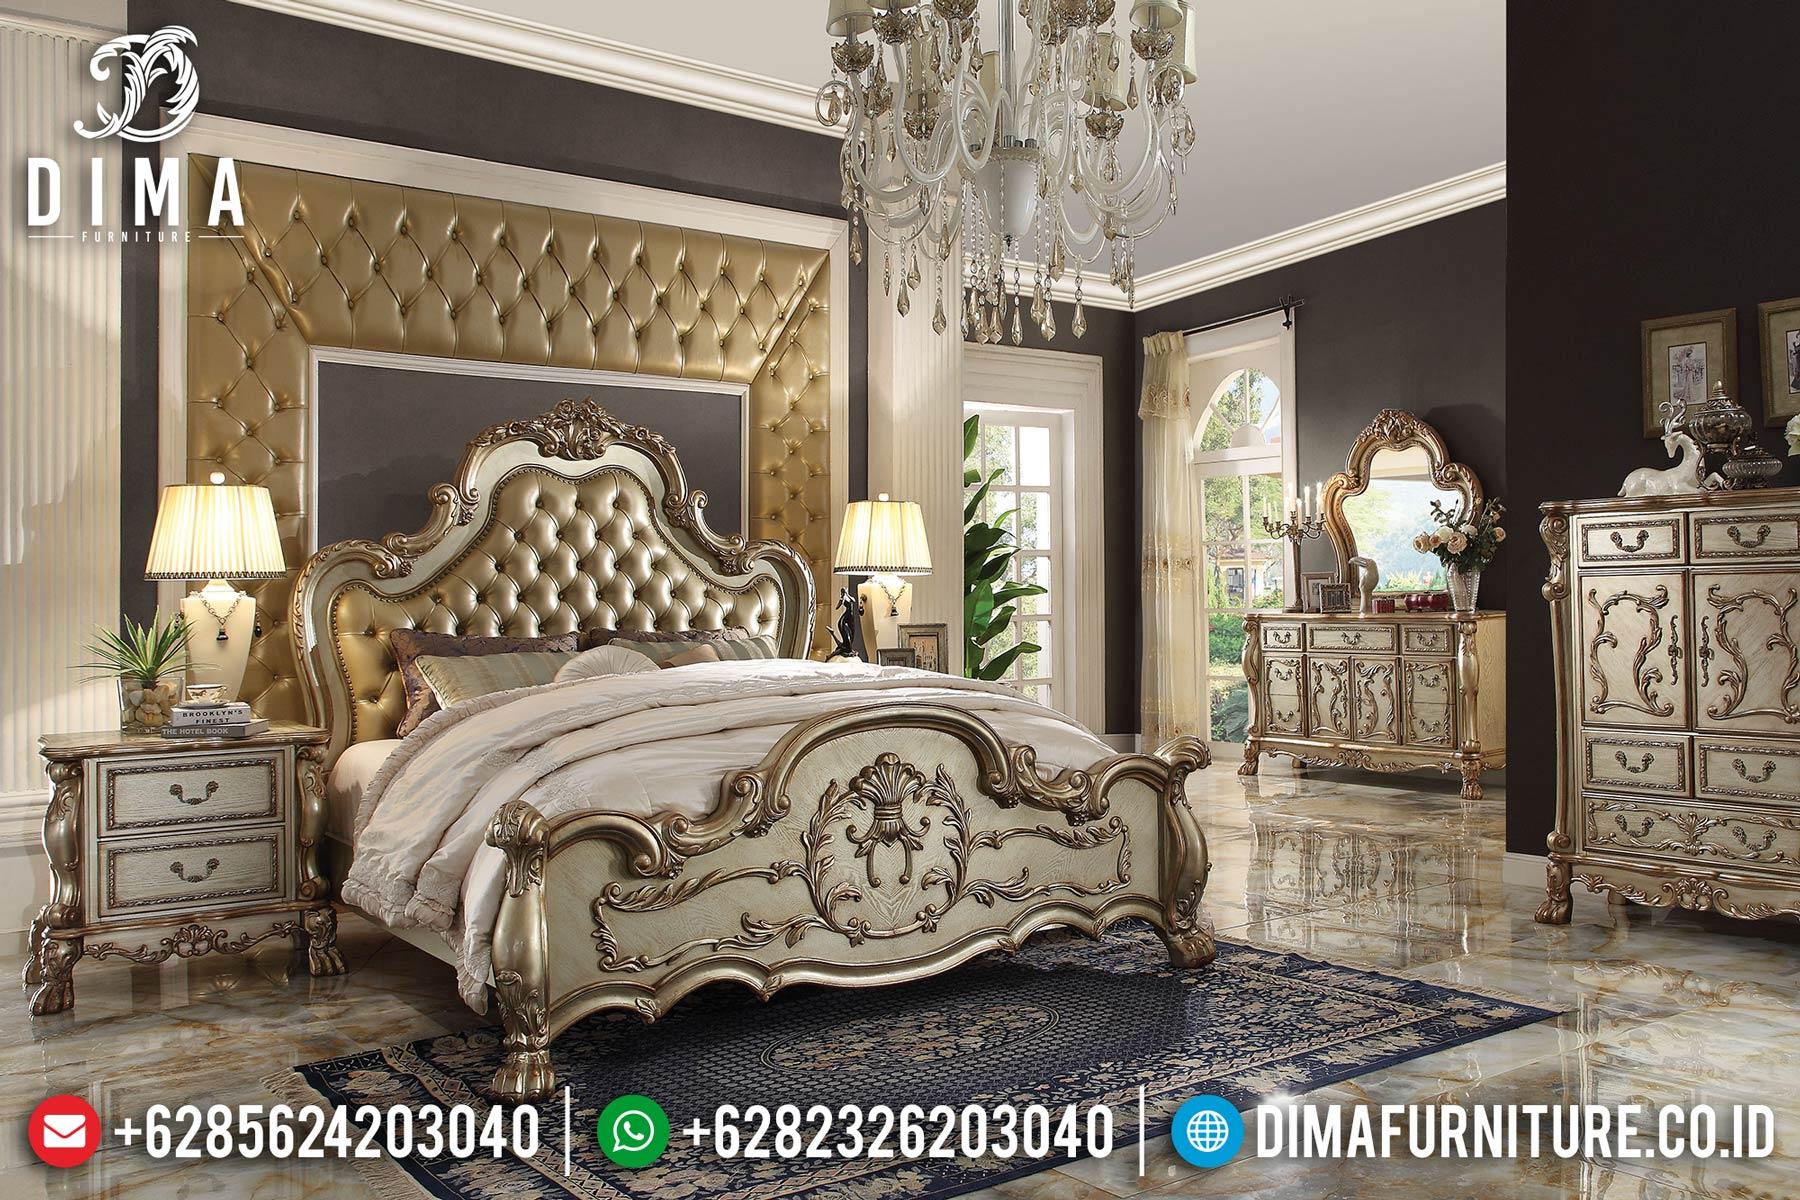 Set Kamar Tidur Mewah Jepara, Tempat Tidur Ukiran Klasik, Kamar Set Mewah DF-0462